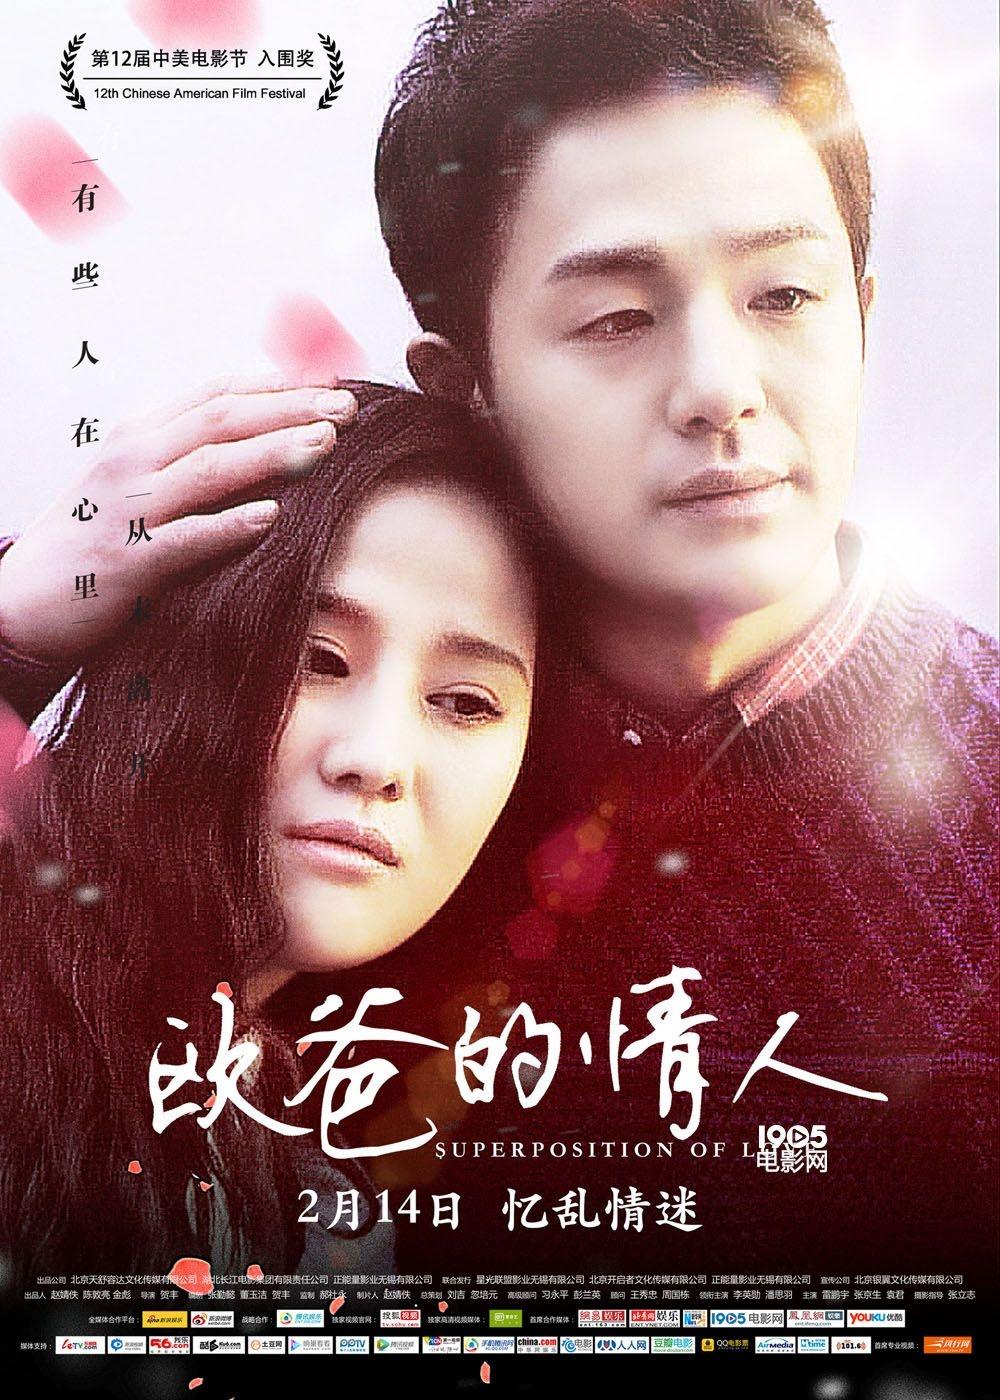 《欧爸的情人》定档2.14 纯爱蜜恋寒冬暖心上映